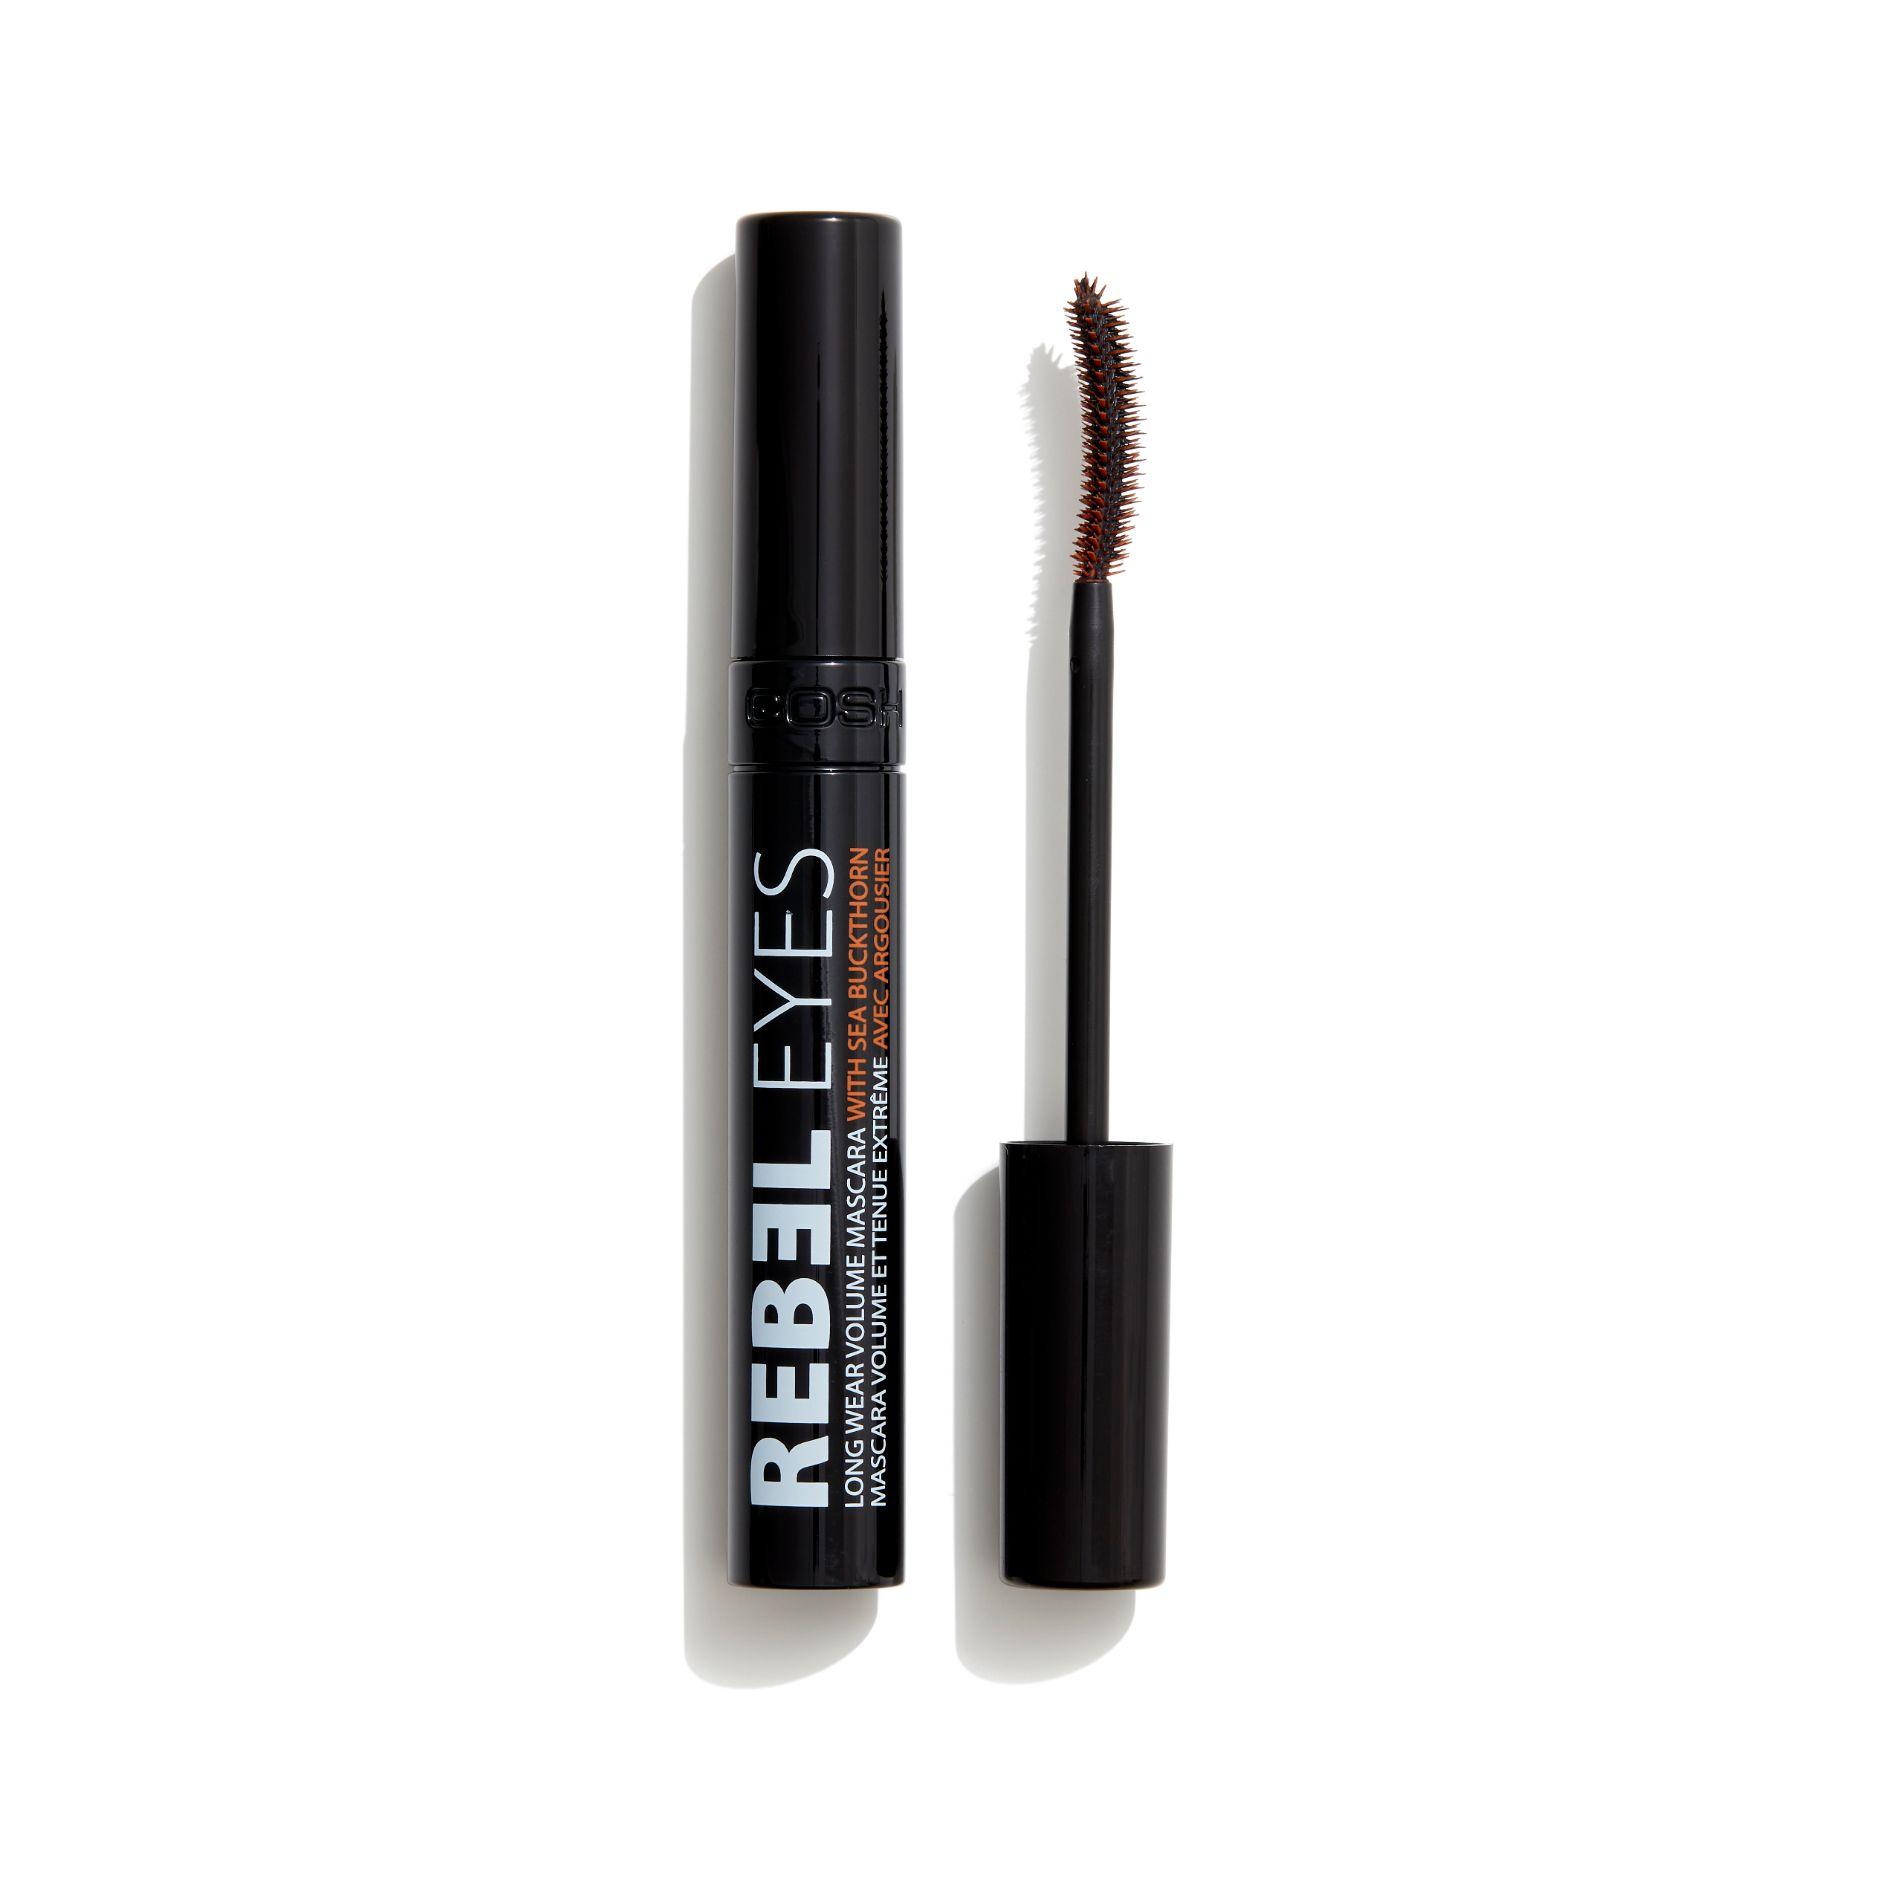 Rebel Eyes Mascara - 002 Carbon Black